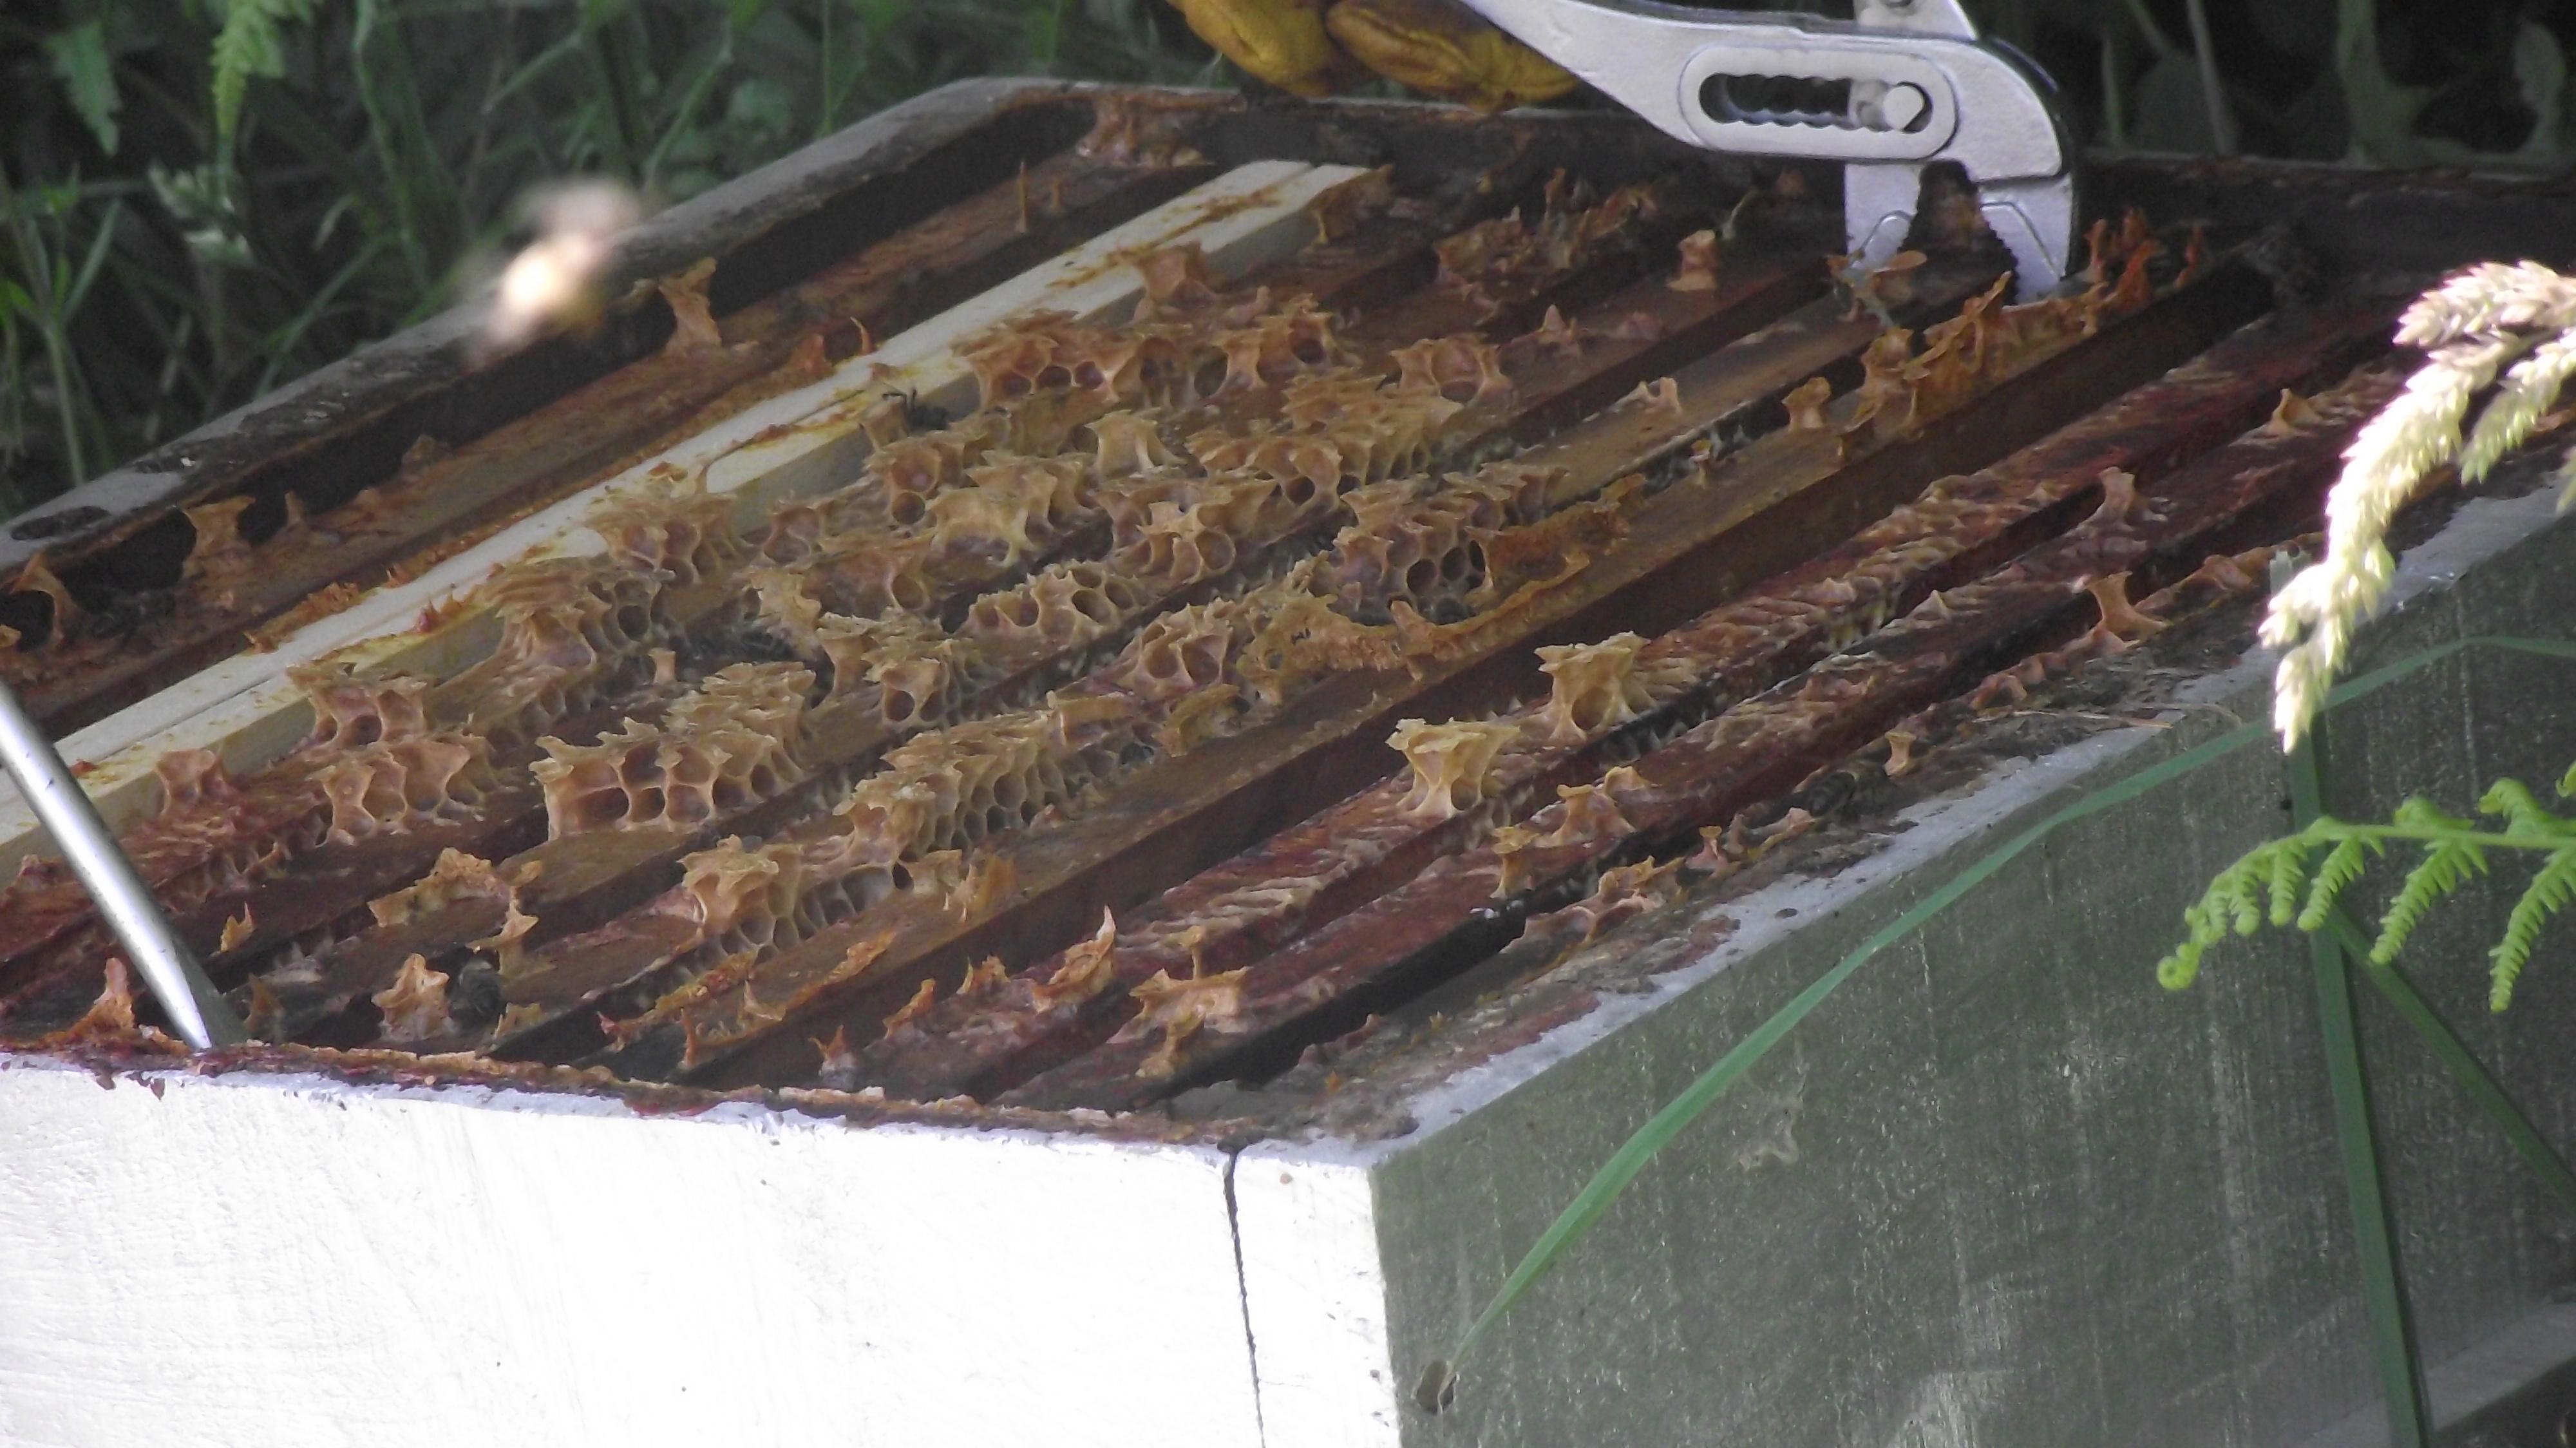 comment pourrait on vivre sans les abeilles a vos. Black Bedroom Furniture Sets. Home Design Ideas